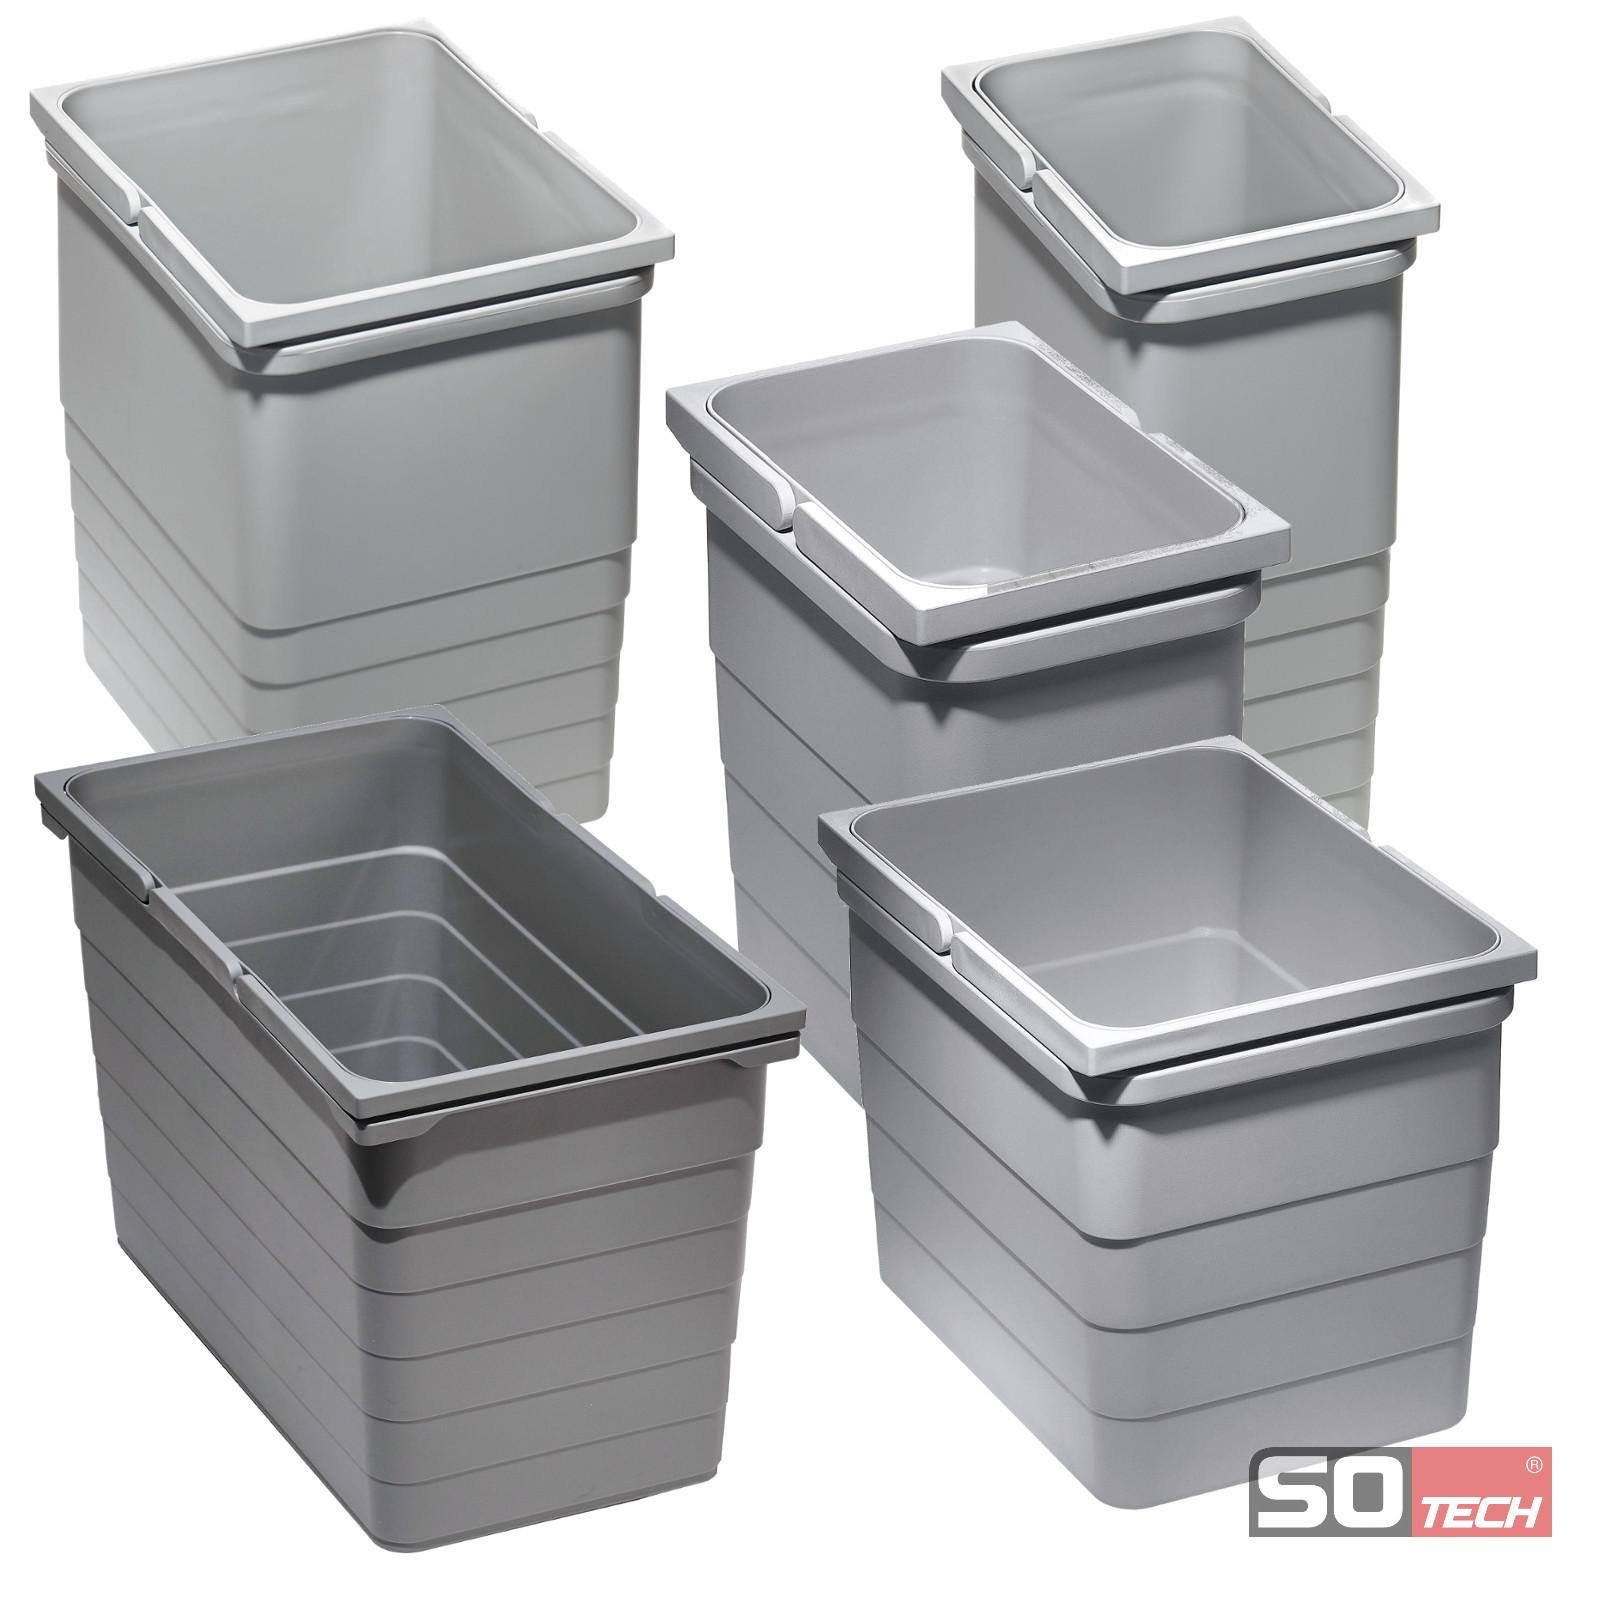 SO-TECH® Ninka eins2vier Abfallsammler Mülleimer Abfalleimer Abfalltrenner